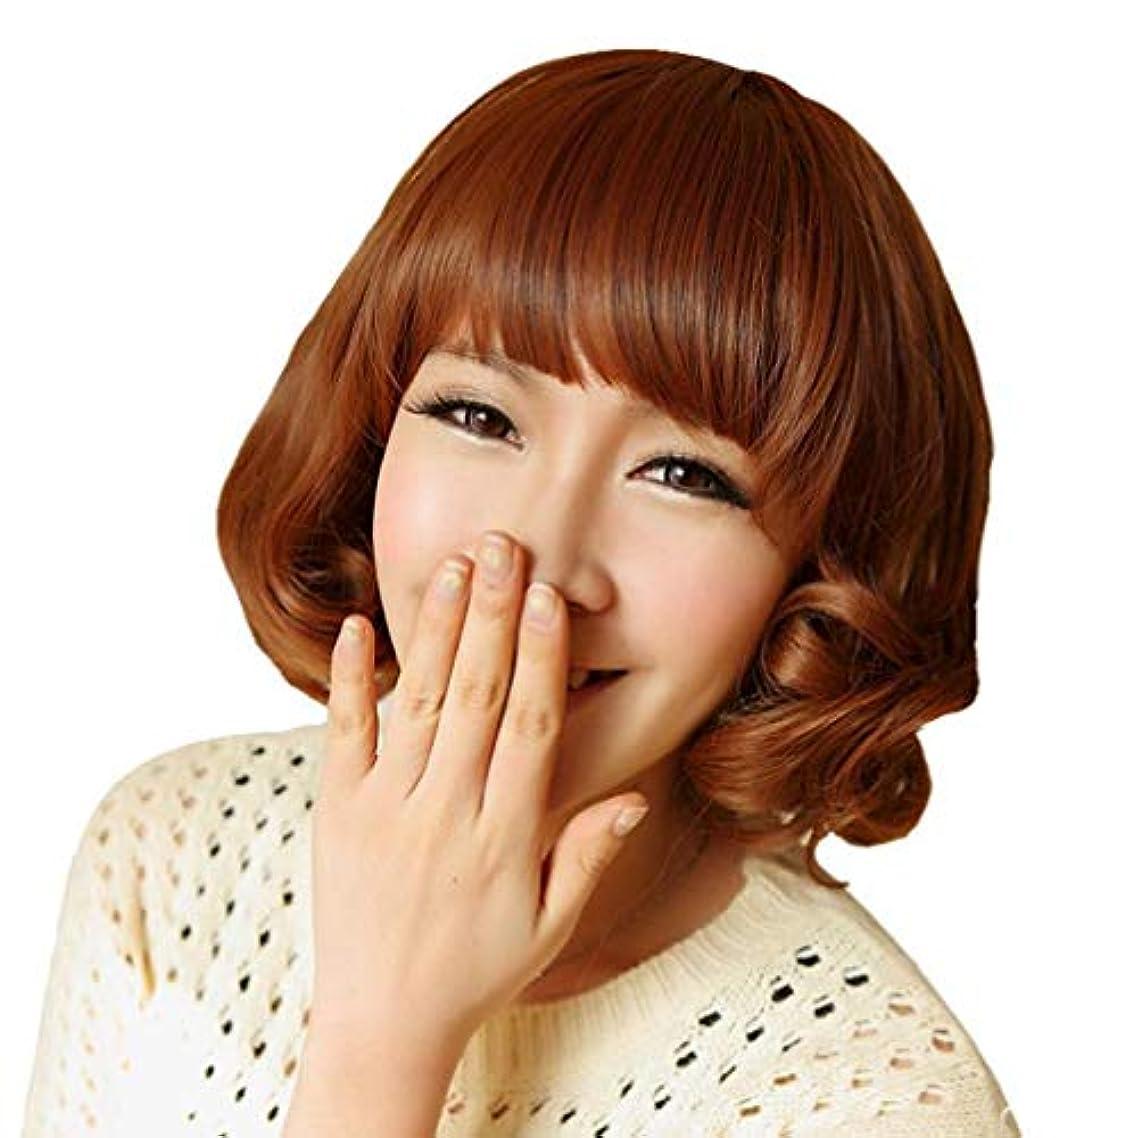 用心深い洞察力新聞かつら女性ショートヘアボボヘッド空気前髪現実的な髪型 LH2206 (画像の色)